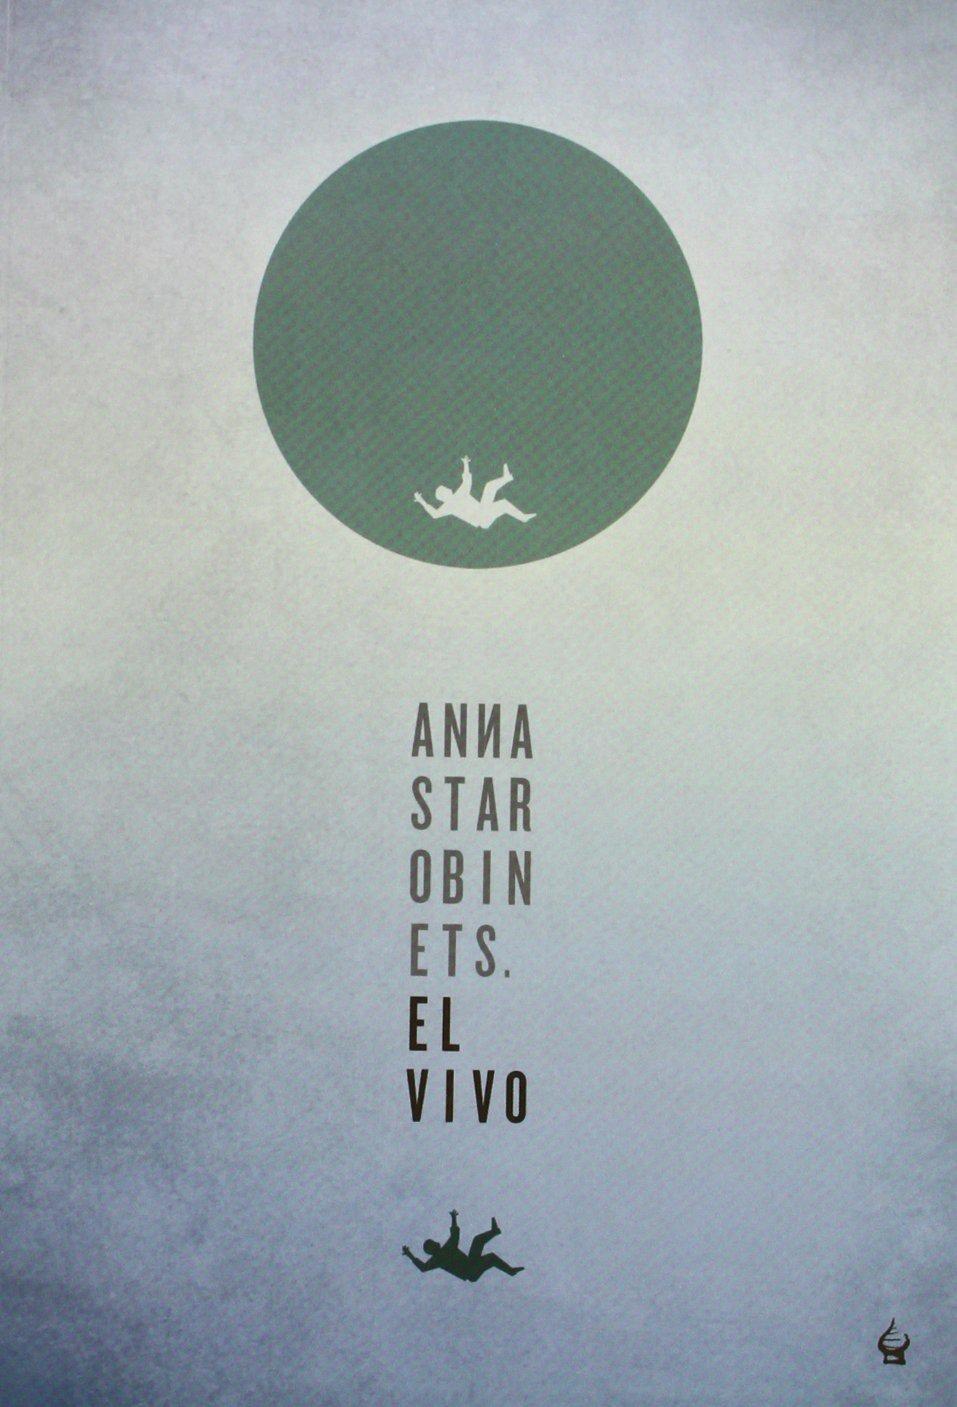 El Vivo (Narrativa (nevsky)) Tapa blanda – 12 nov 2012 Anna Starobinets Julián Díez Raquel Marqués García Nevsky Prospects S.L.